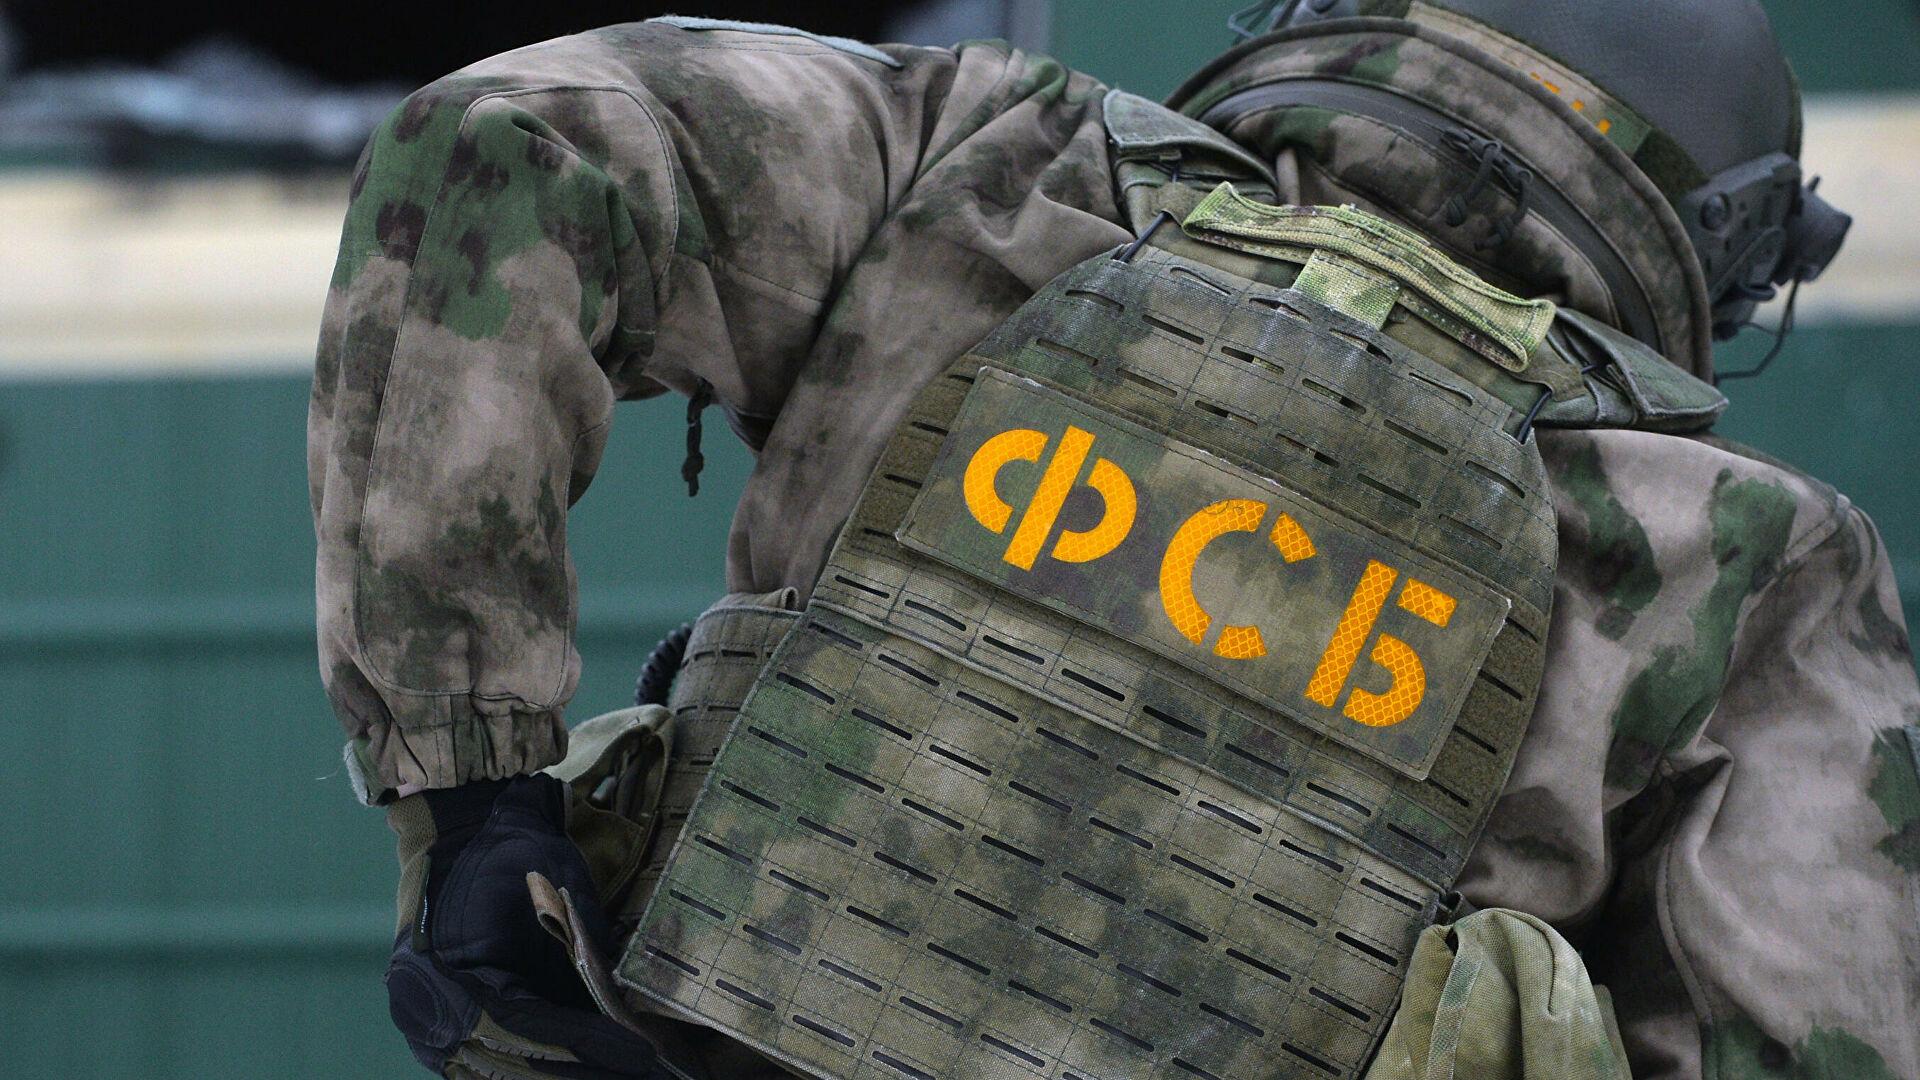 В Саратове ФСБ задержала несколько участников украинской радикальной группировки